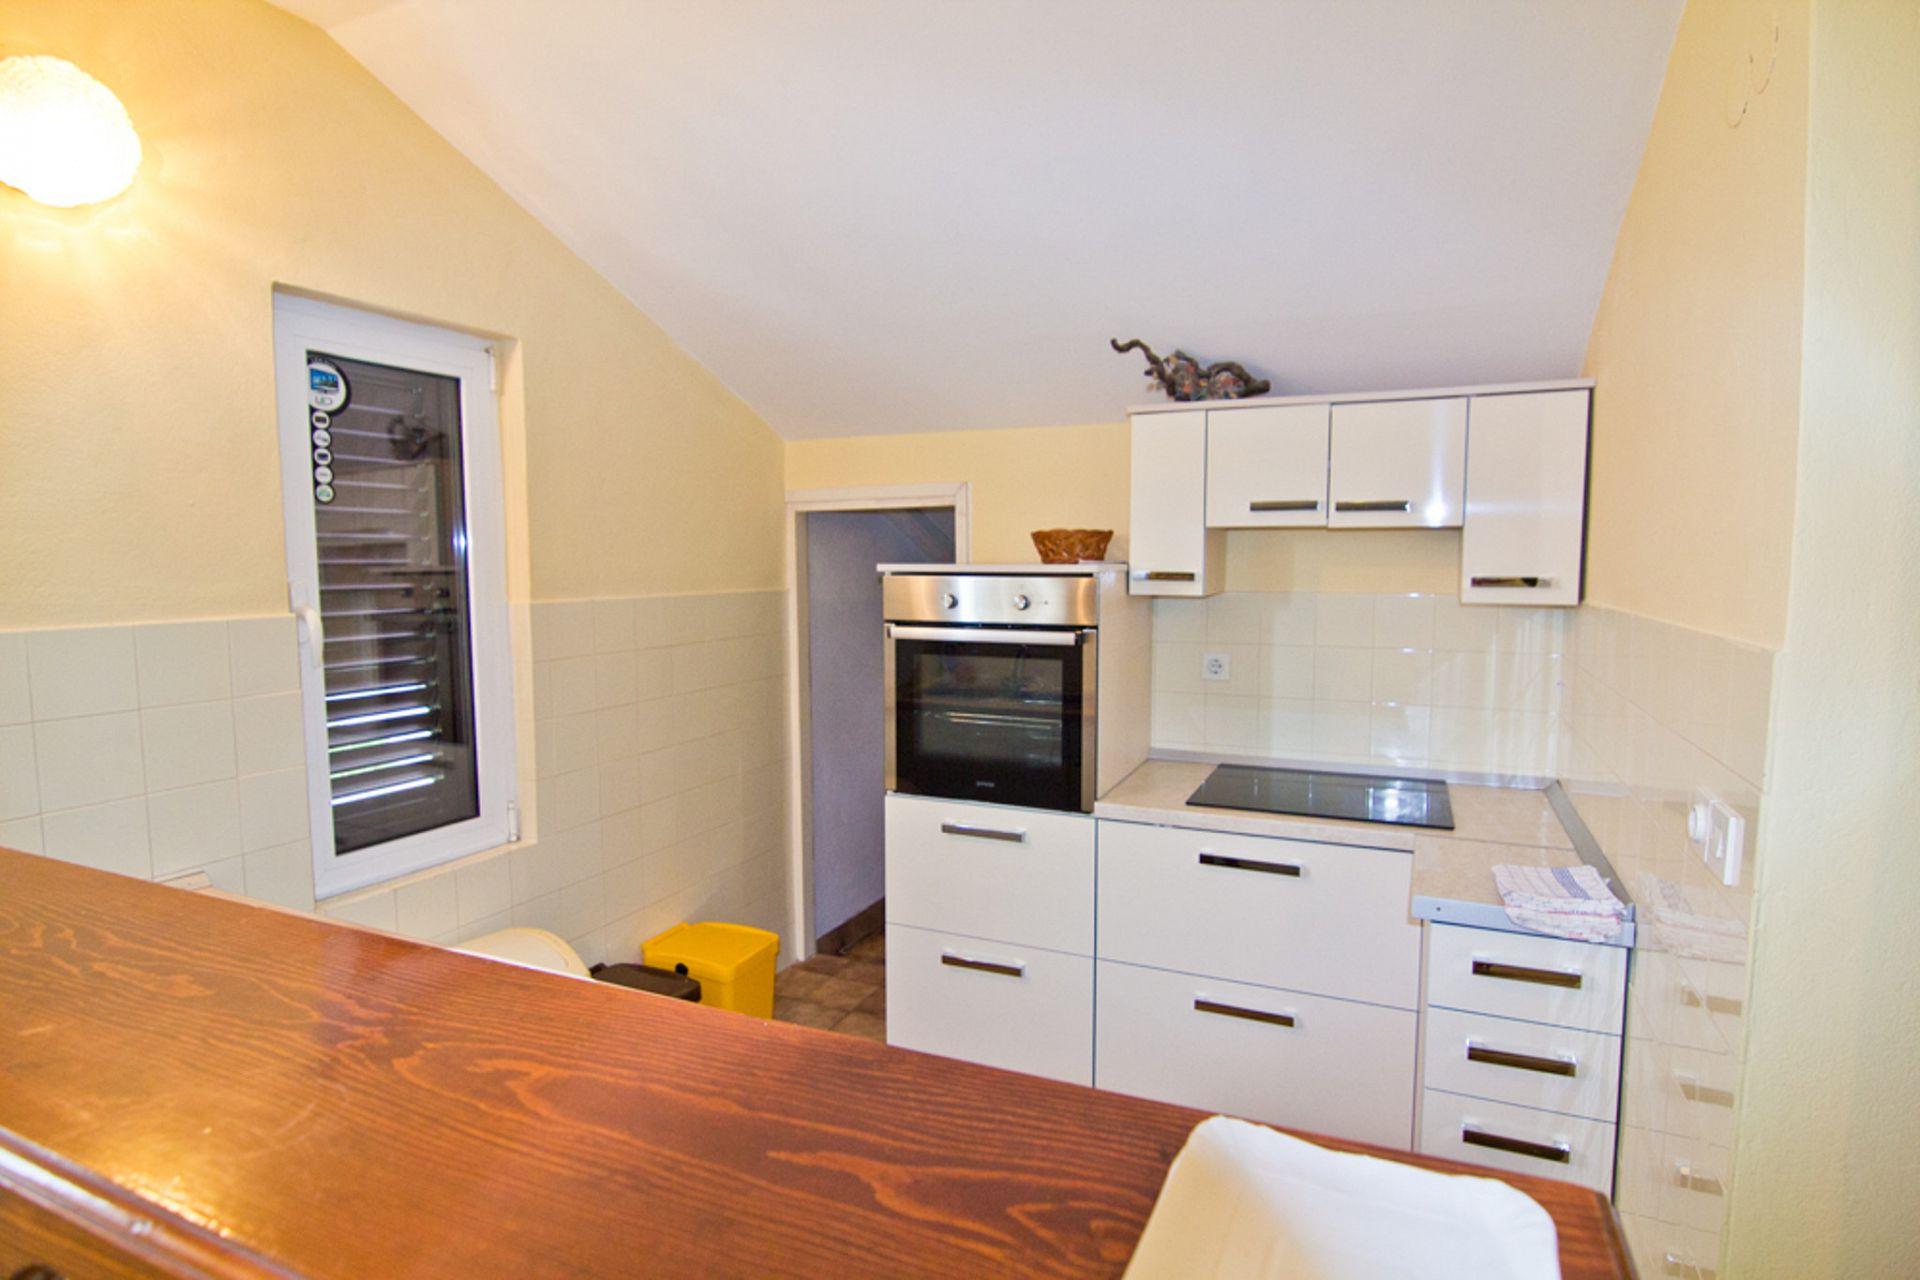 Ankica - Кампор - Апартаменты Хорватия - A2(8): кухня